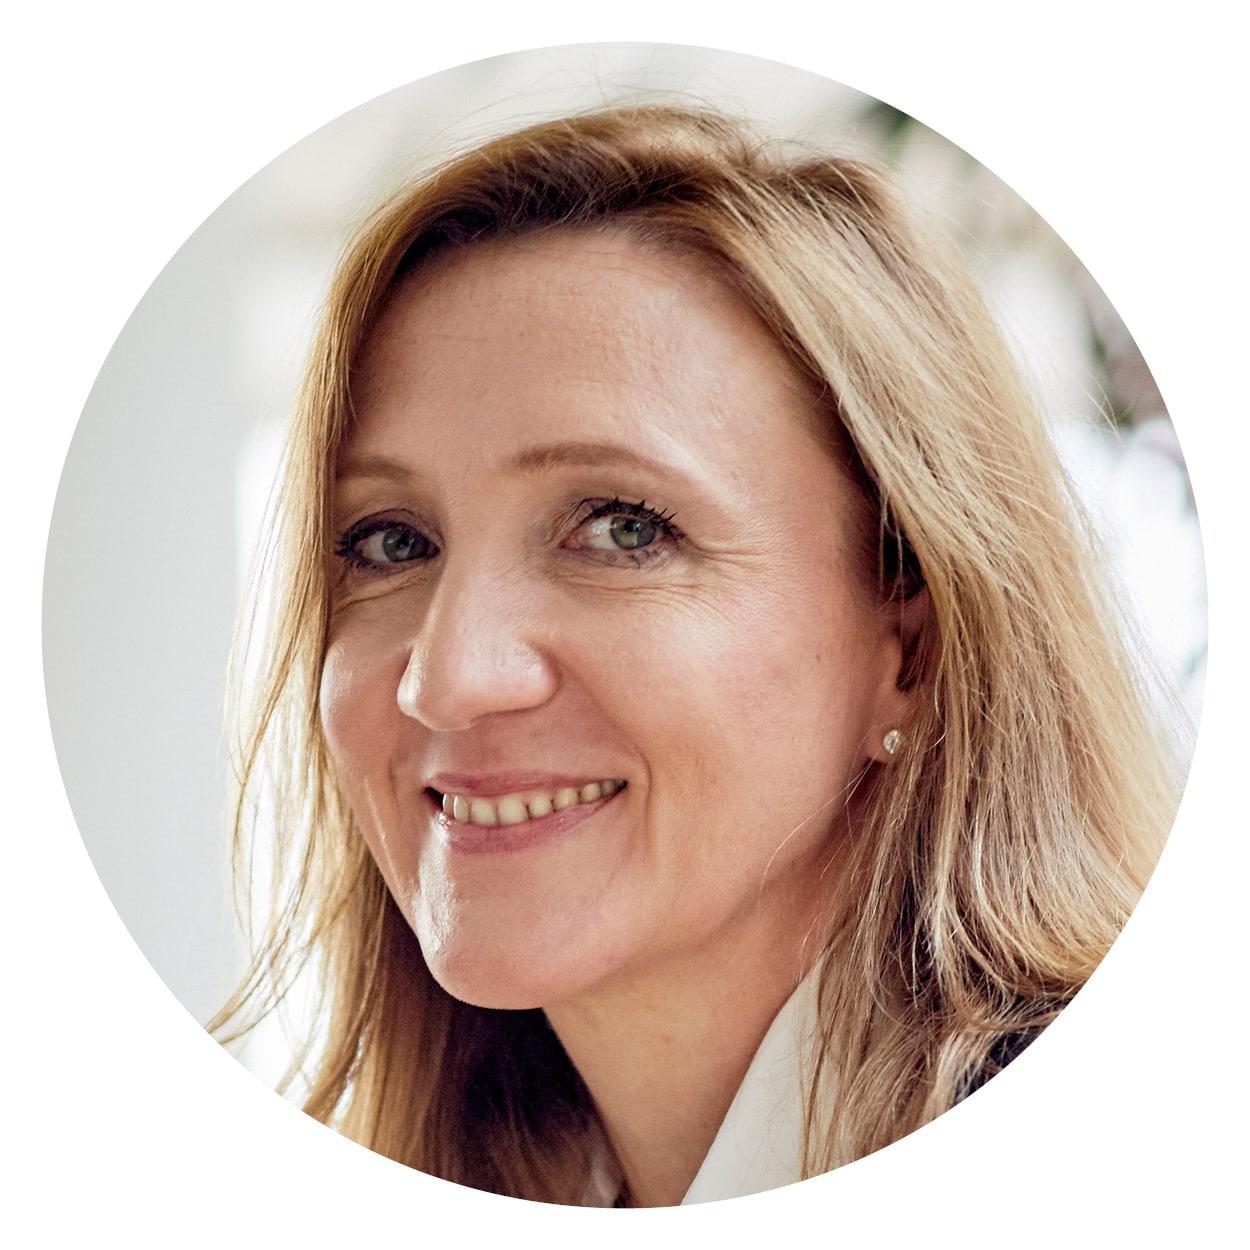 Sonja Lauton